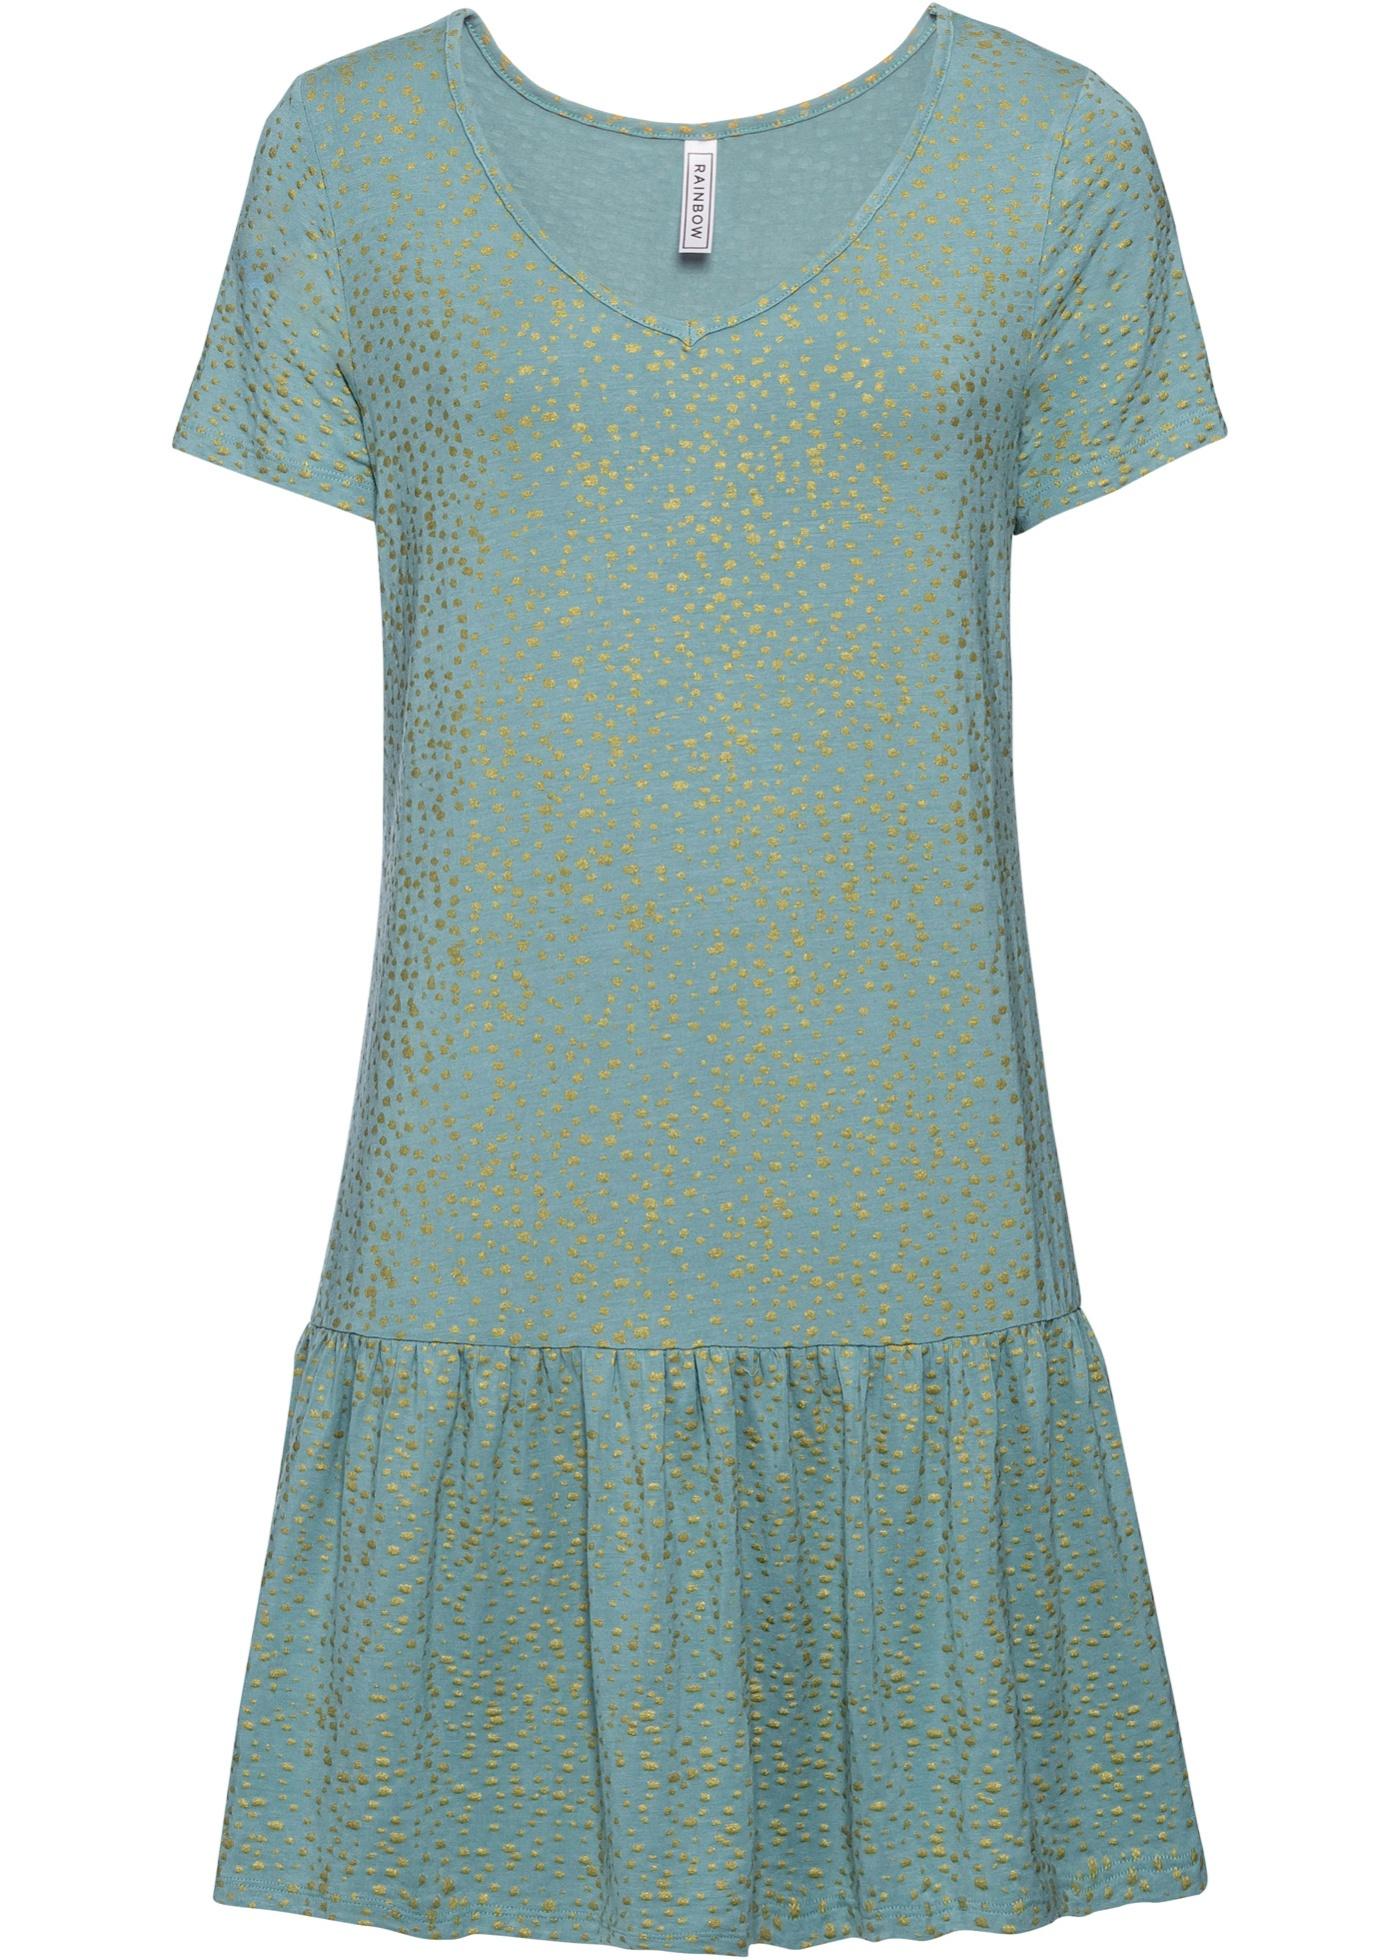 Levné Úpletové šaty s volánem a lesklým strukturovým potiskem | Modrá barva šatů